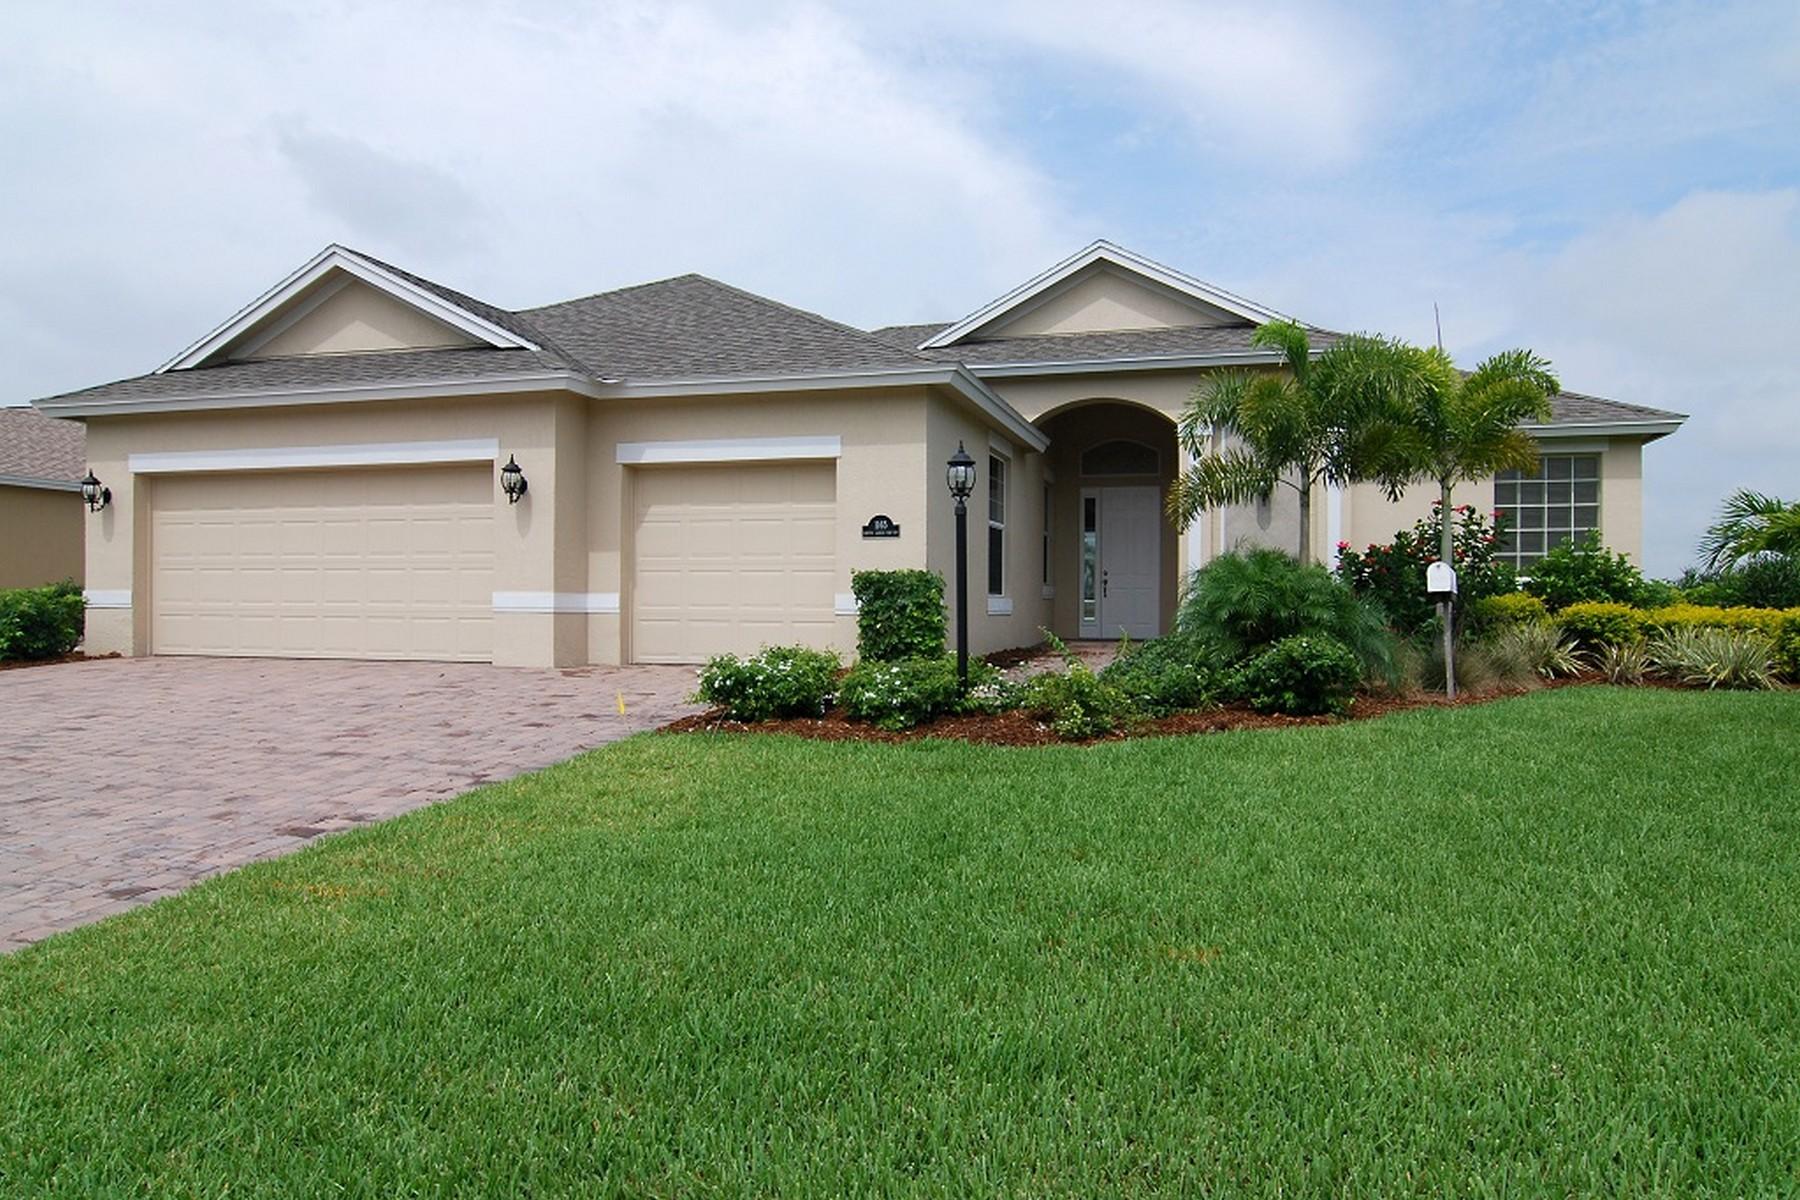 Casa para uma família para Venda às The Columbia Model 4472 Gagnon Road Port St. Lucie, Florida, 34953 Estados Unidos